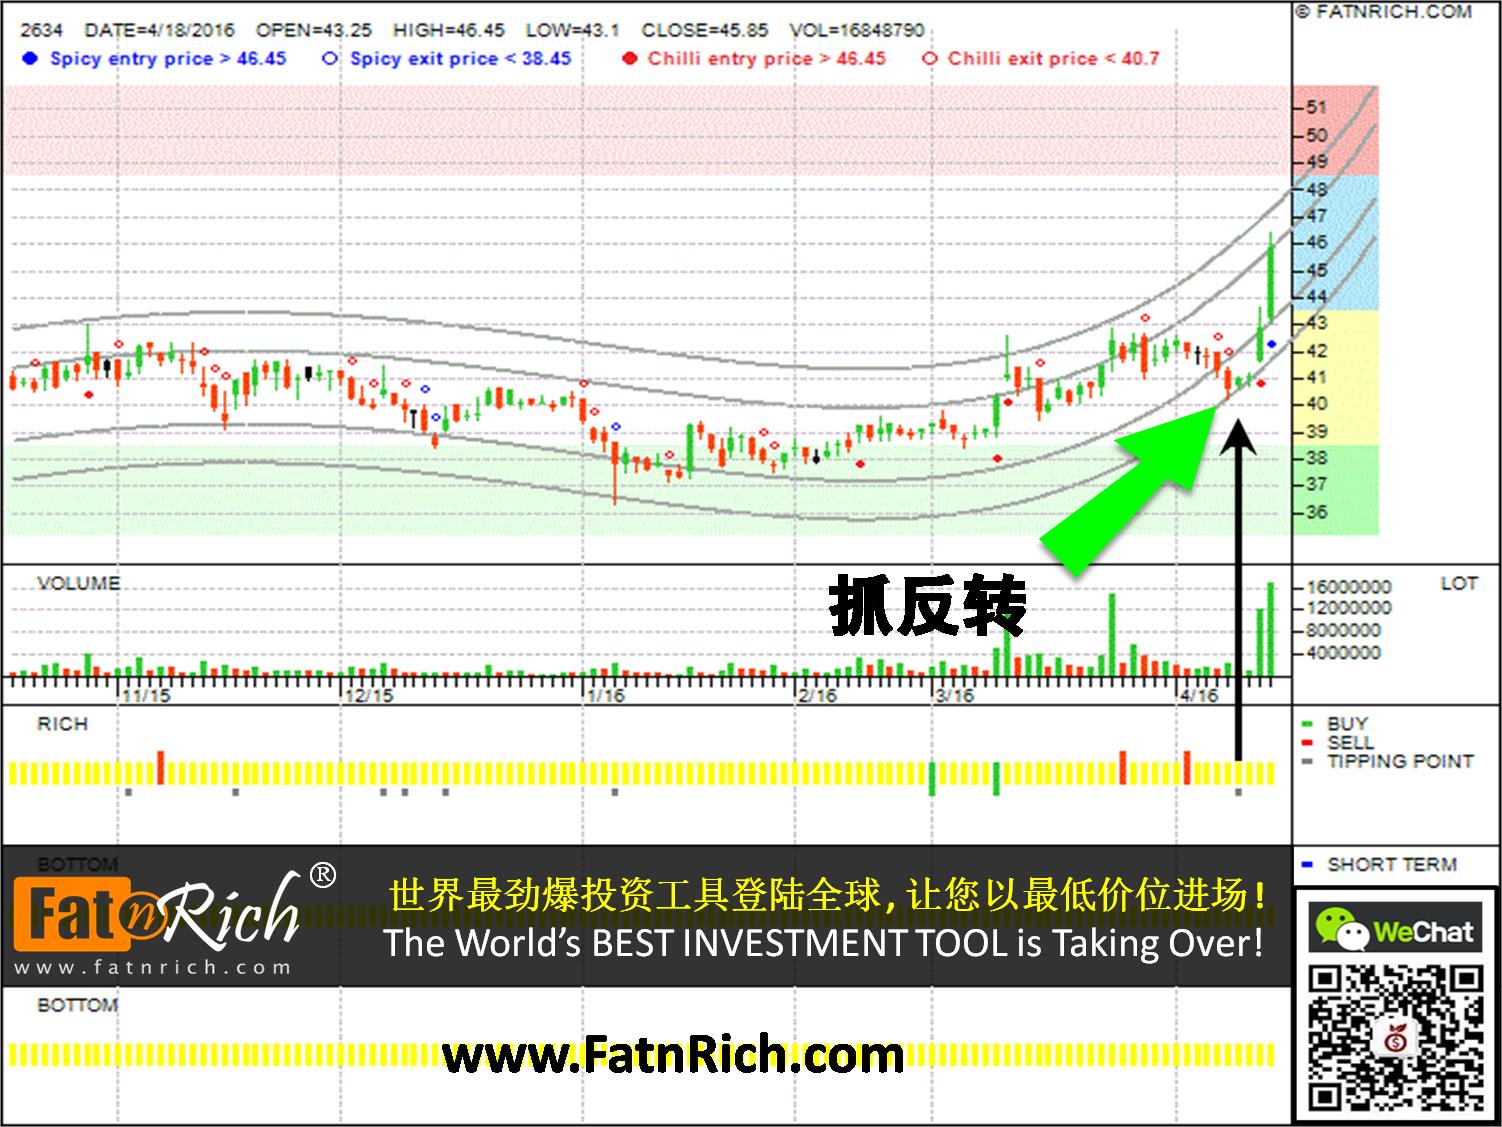 台湾股票漢翔 Aerospace Industrial Development Corp 2634